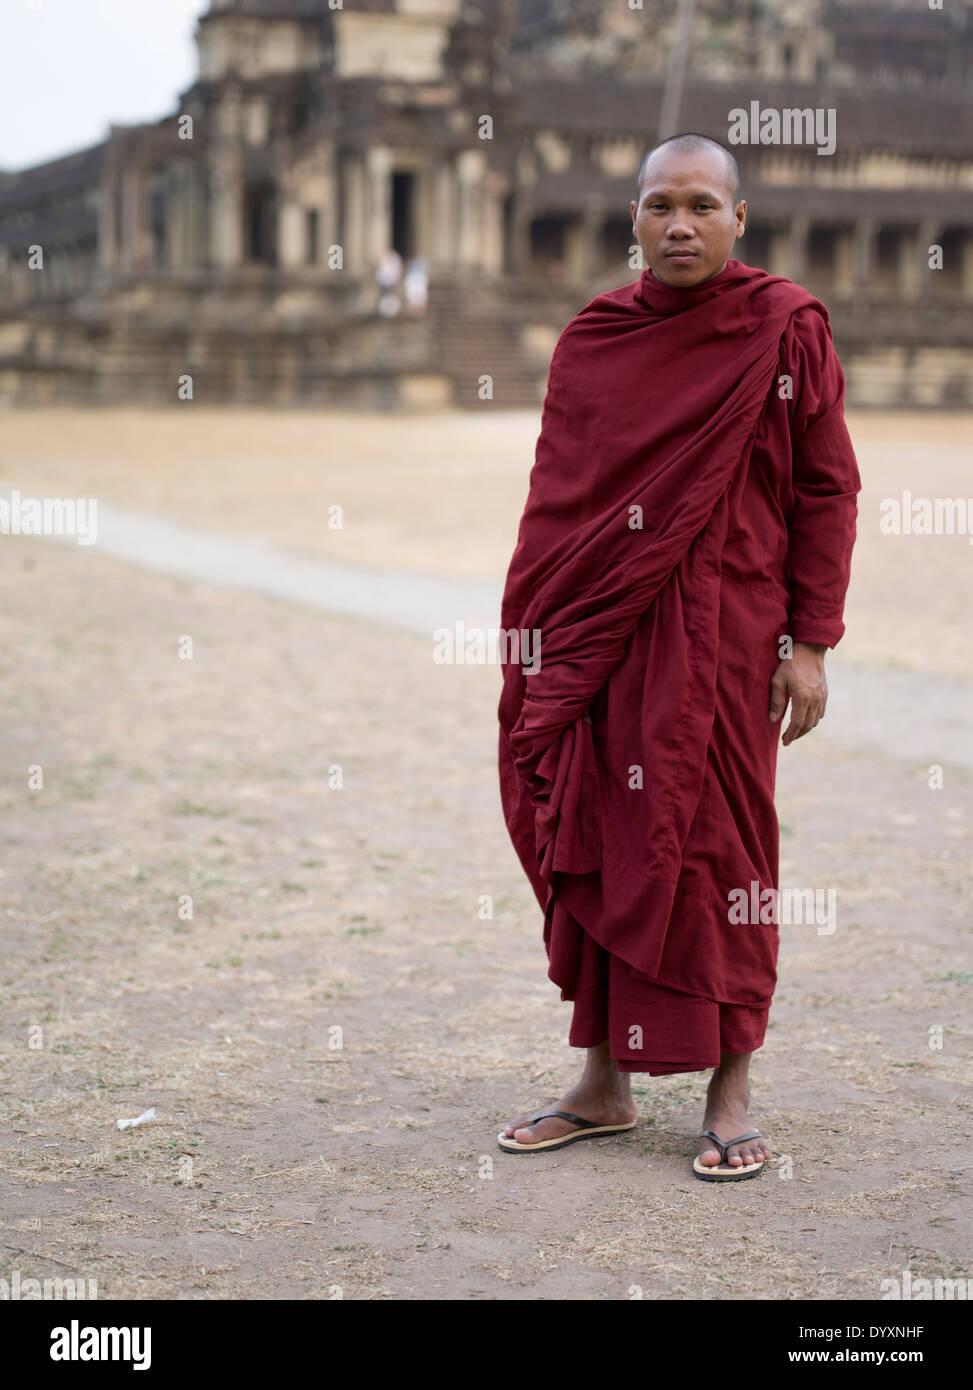 Monje budista en ropas tradicionales en Angkor Wat, Siem Reap, Camboya Foto de stock